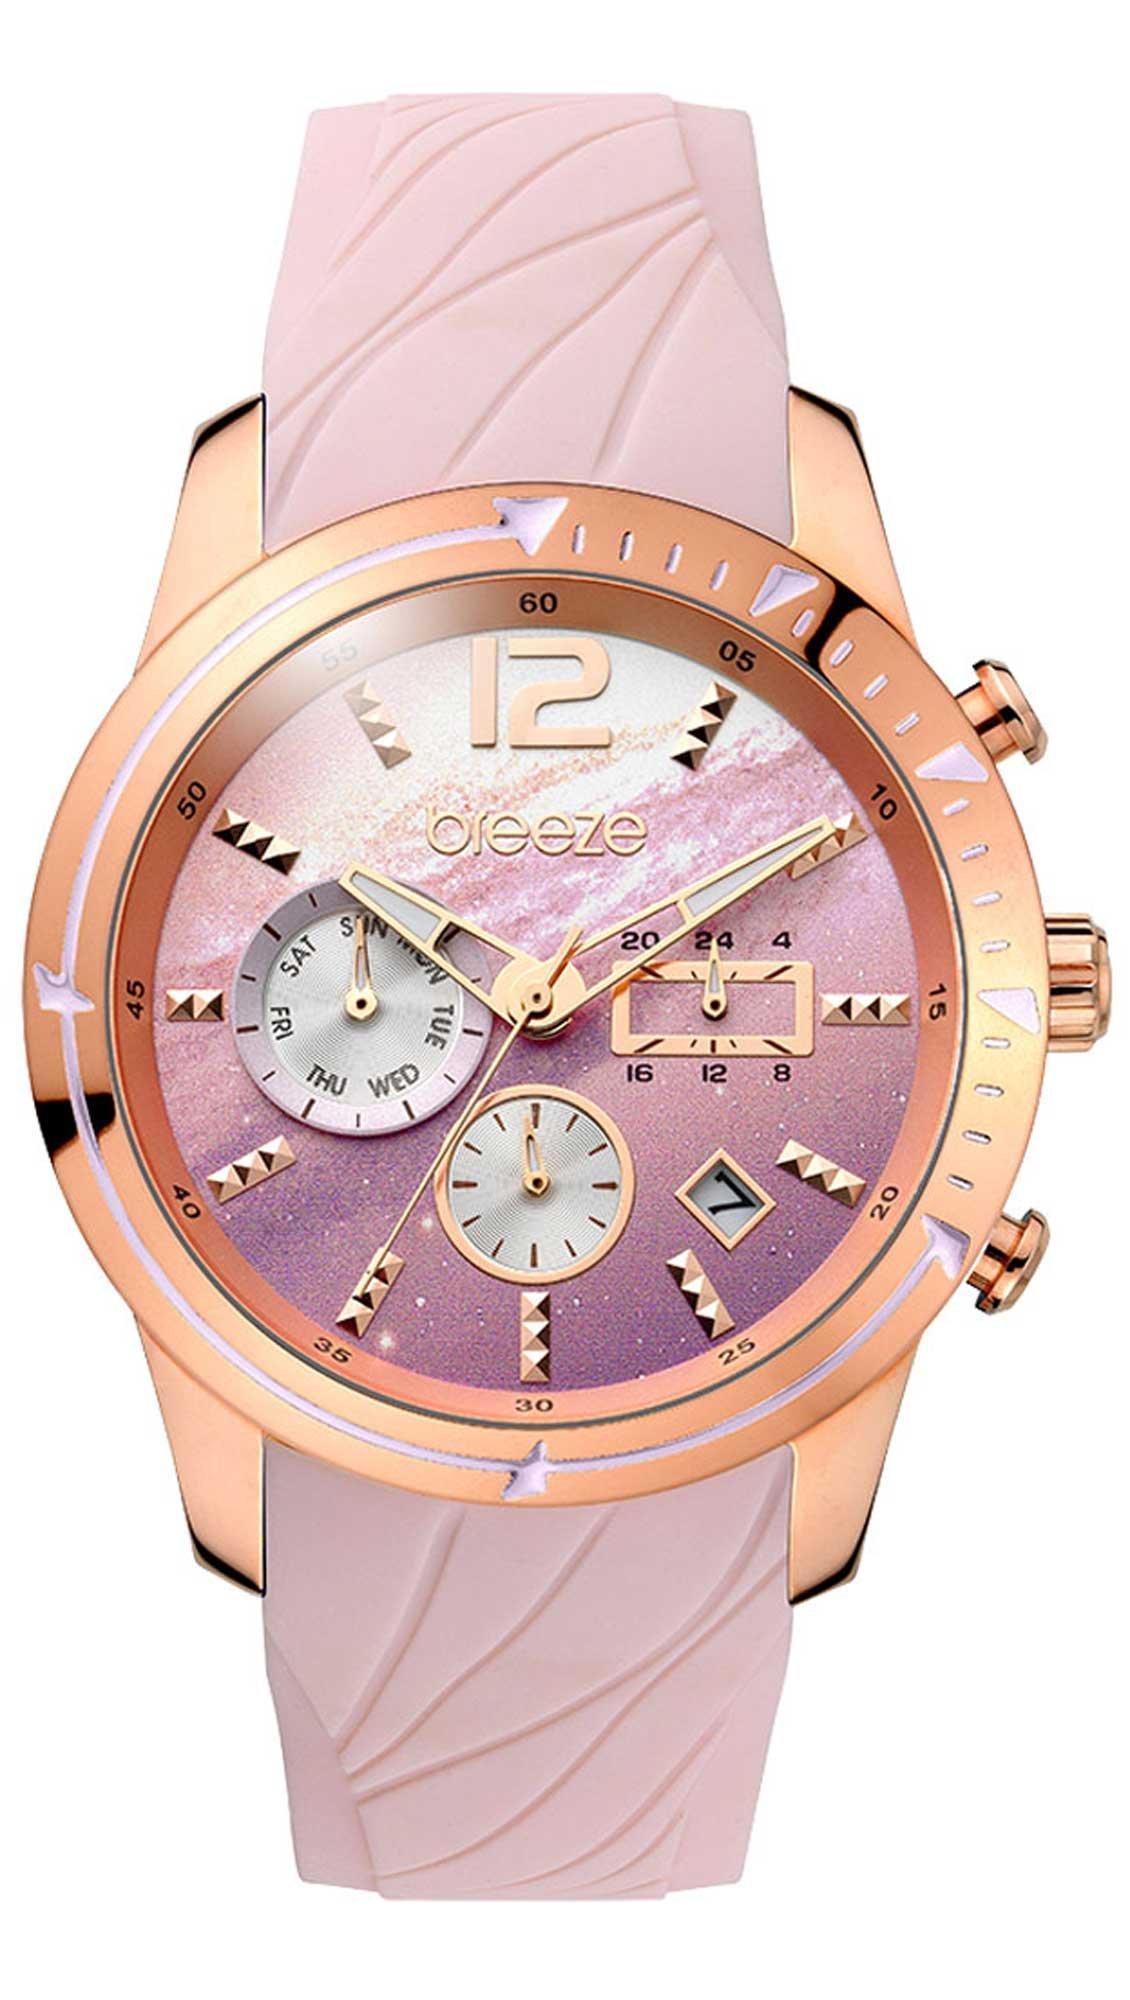 970217310e Ρολόι BREEZE Selena πολλαπλών ενδείξεων με ροζ λουράκι 110781.1 ...